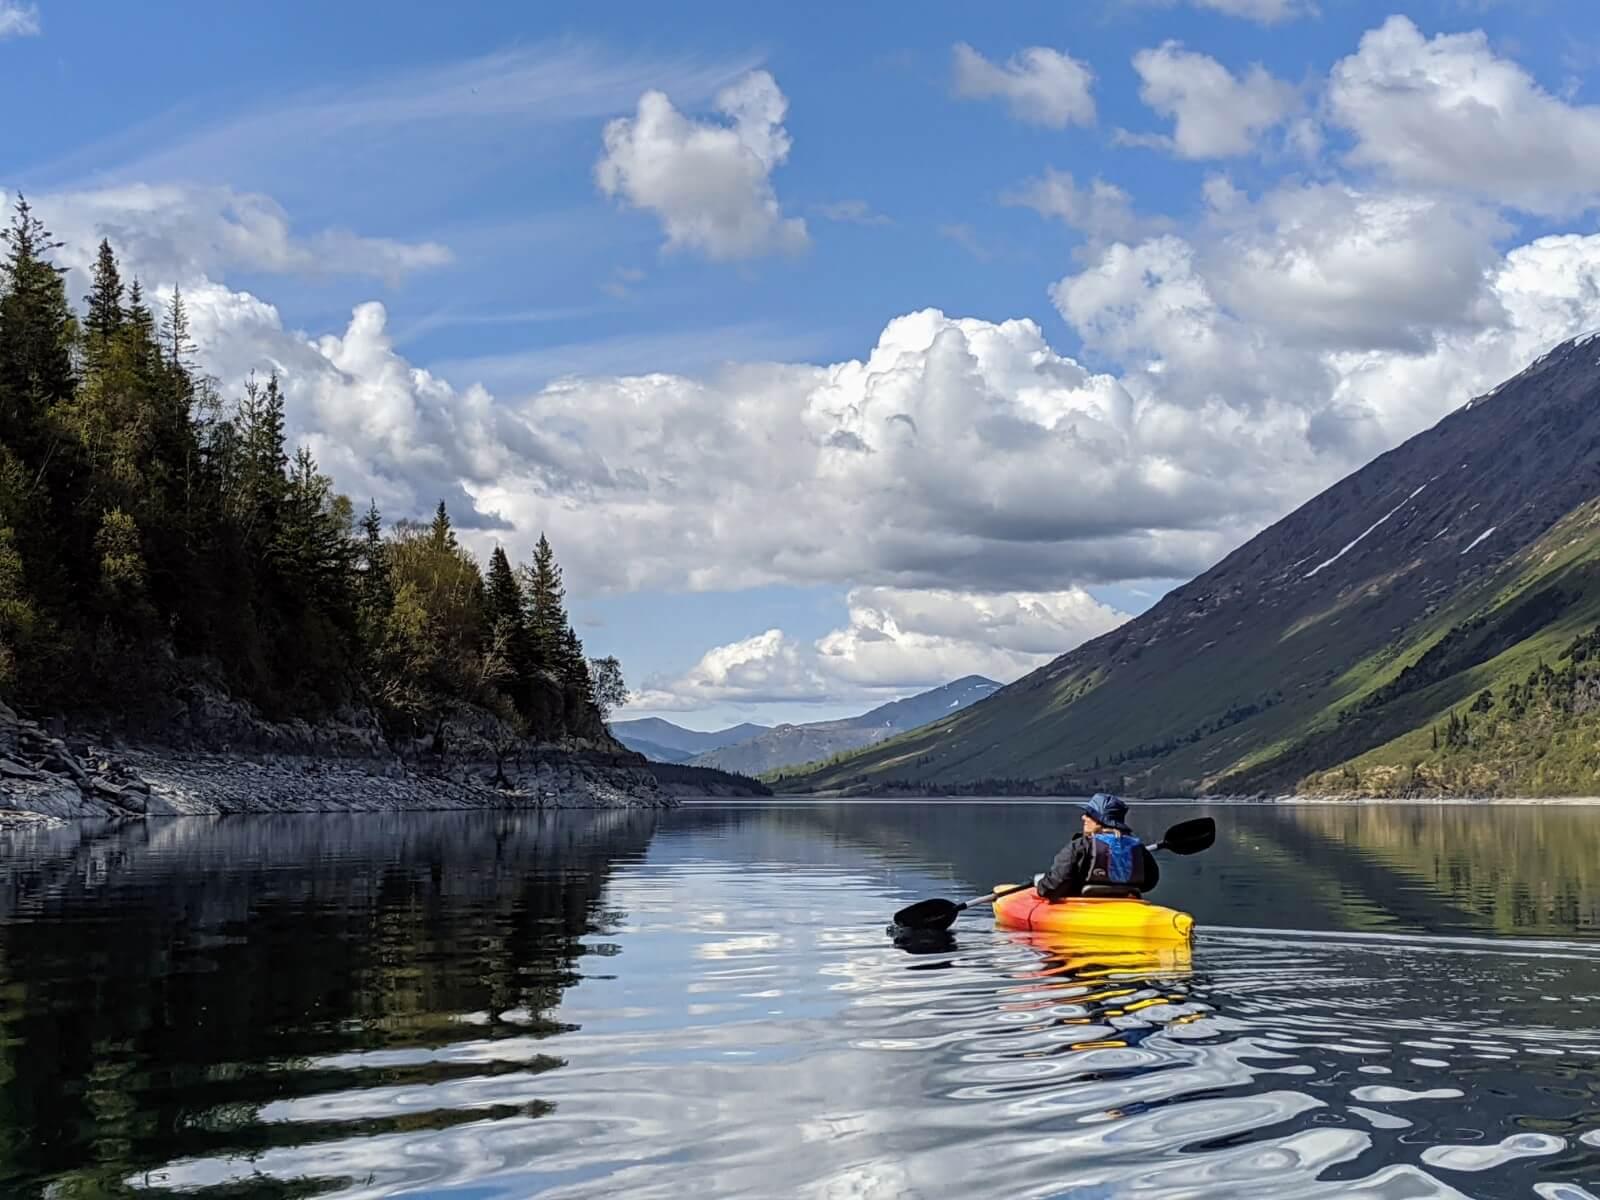 Kayaking on Cooper Lake.